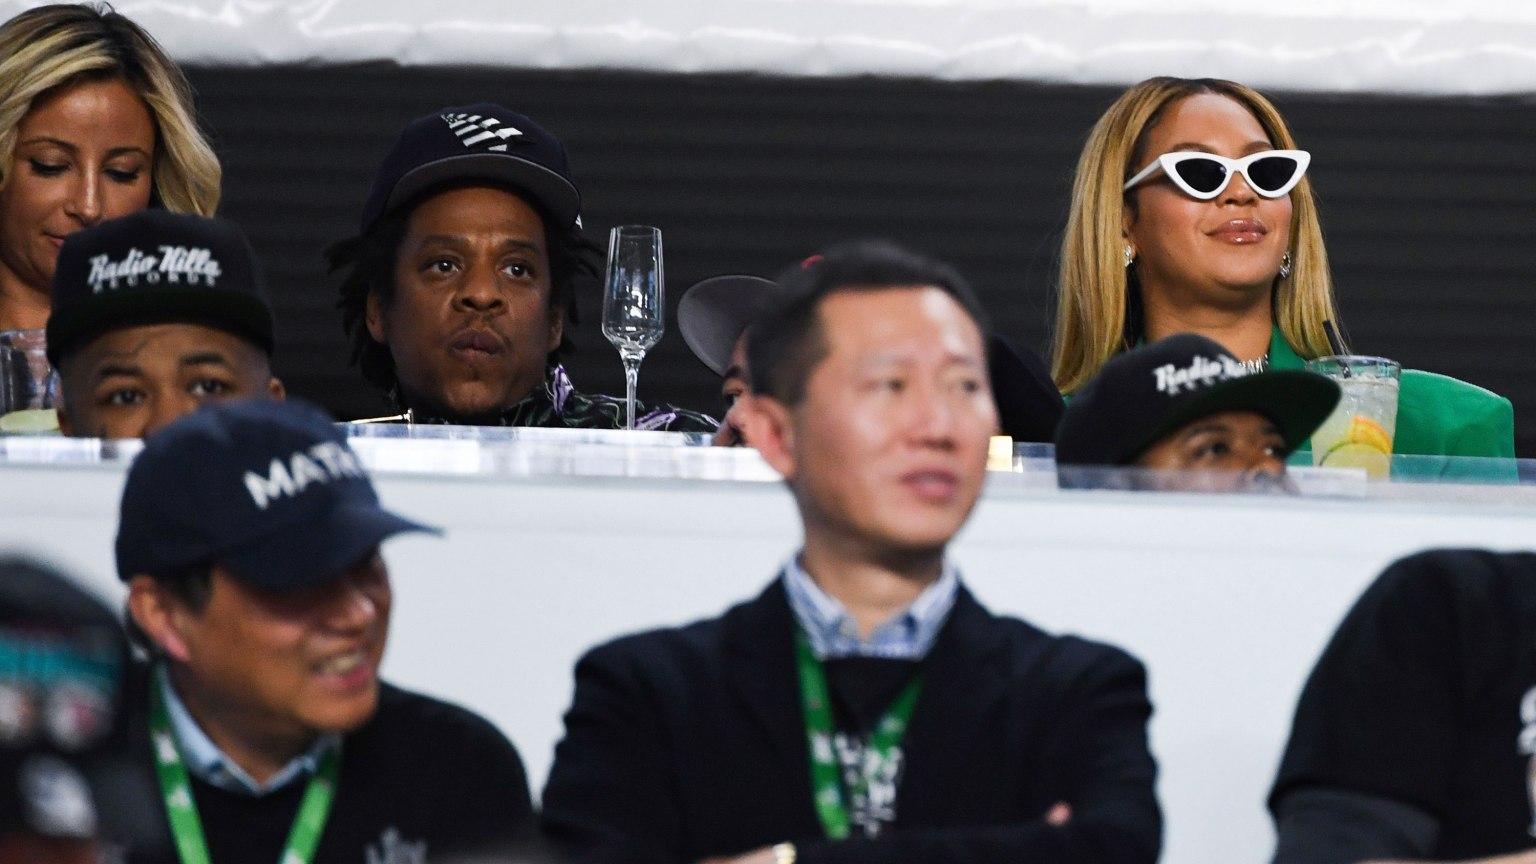 Jay-Z explains sitting during National Anthem at Super Bowl LIV